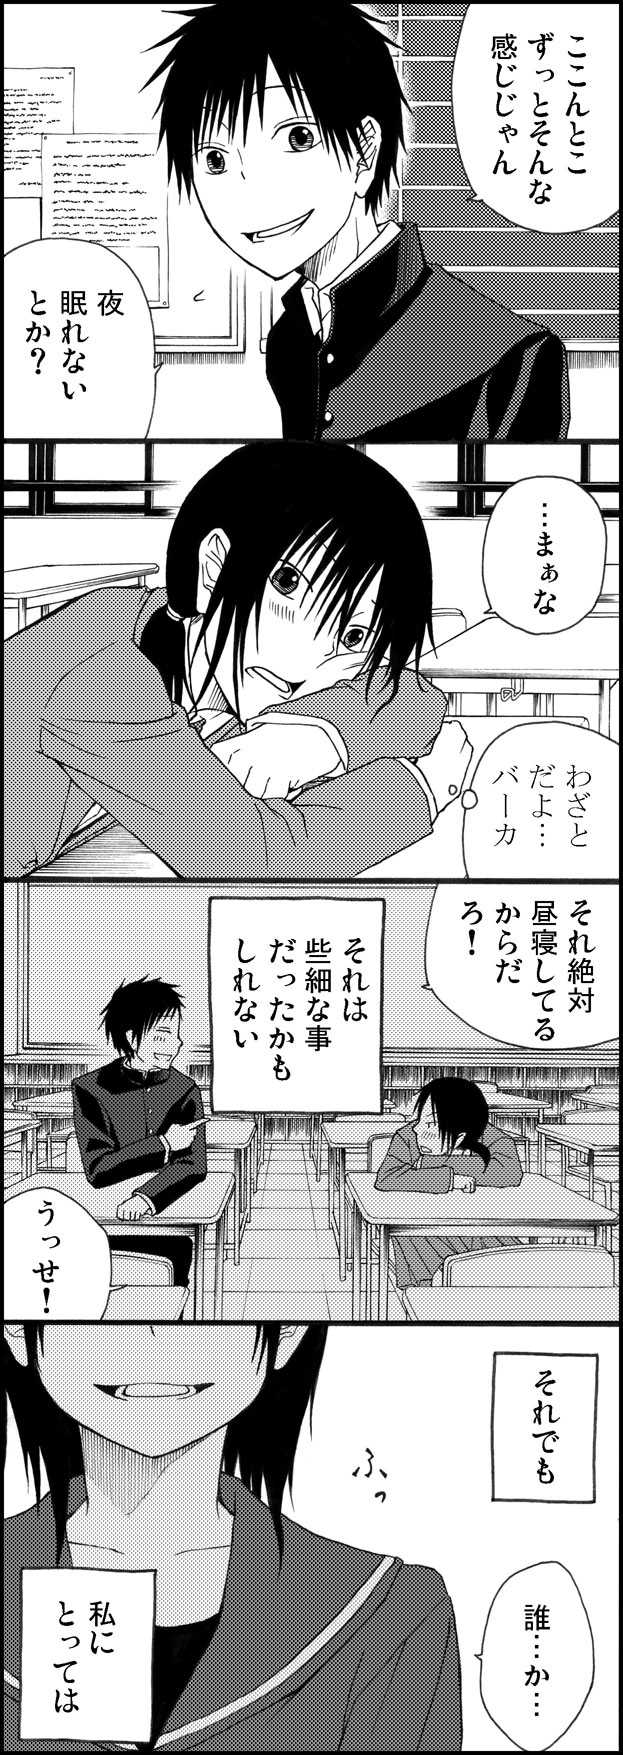 11.初恋の3